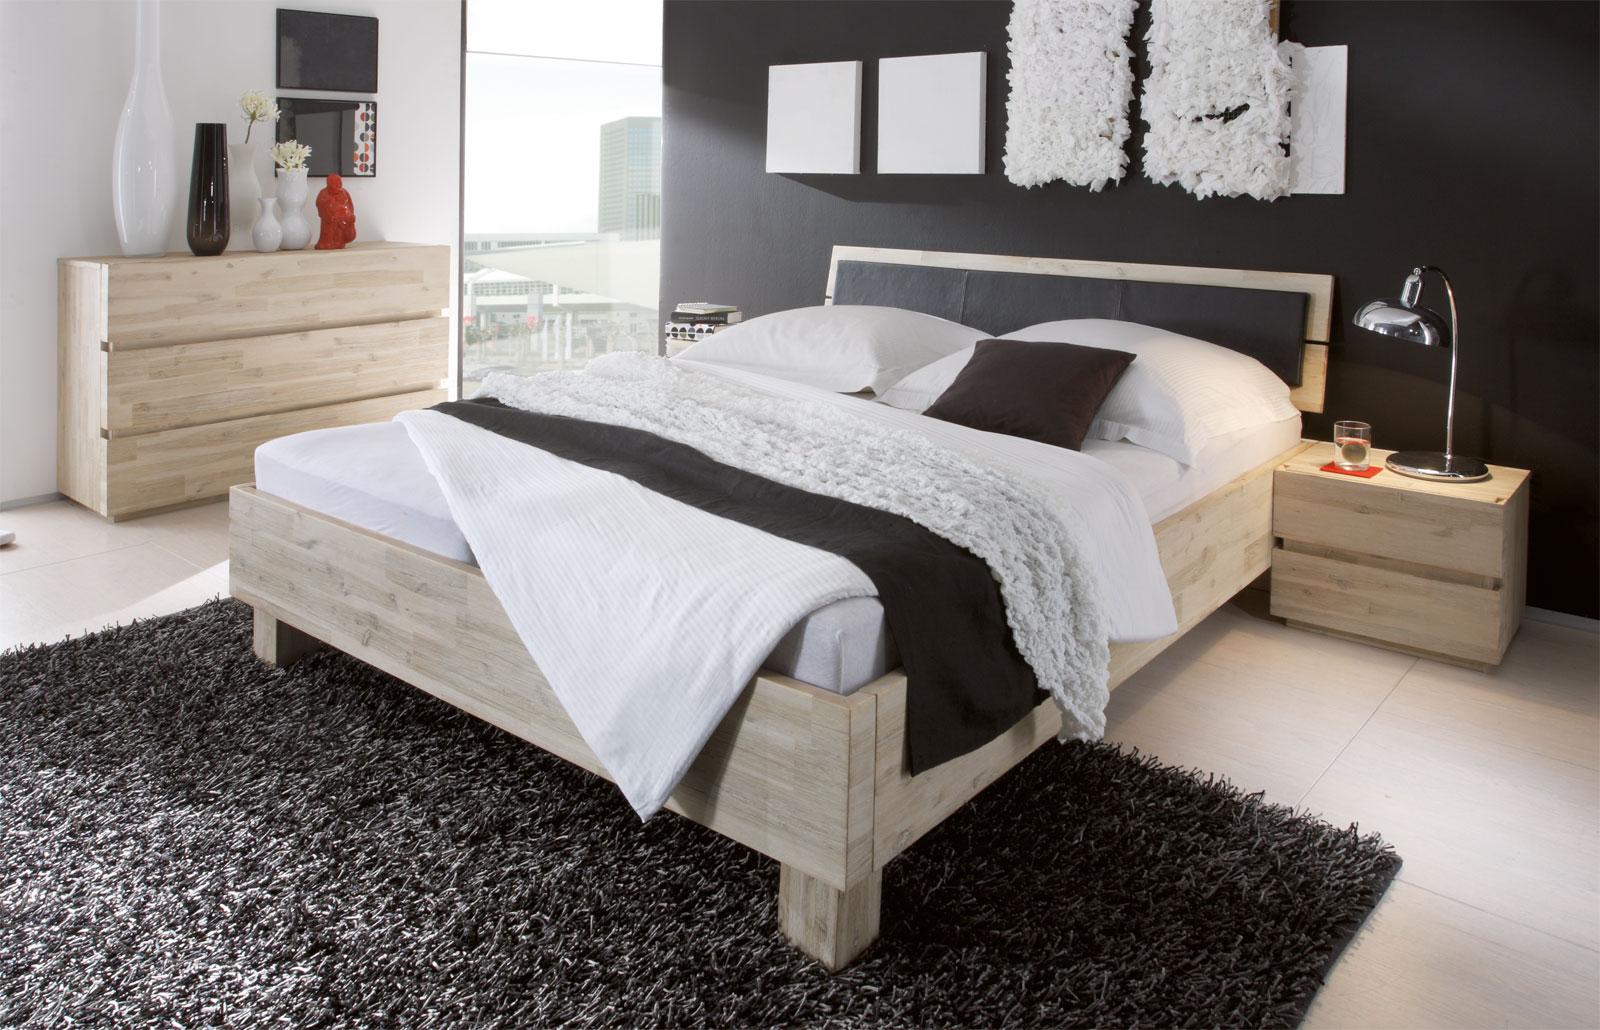 Bett Arezzo mit 14cm hohen Füßen